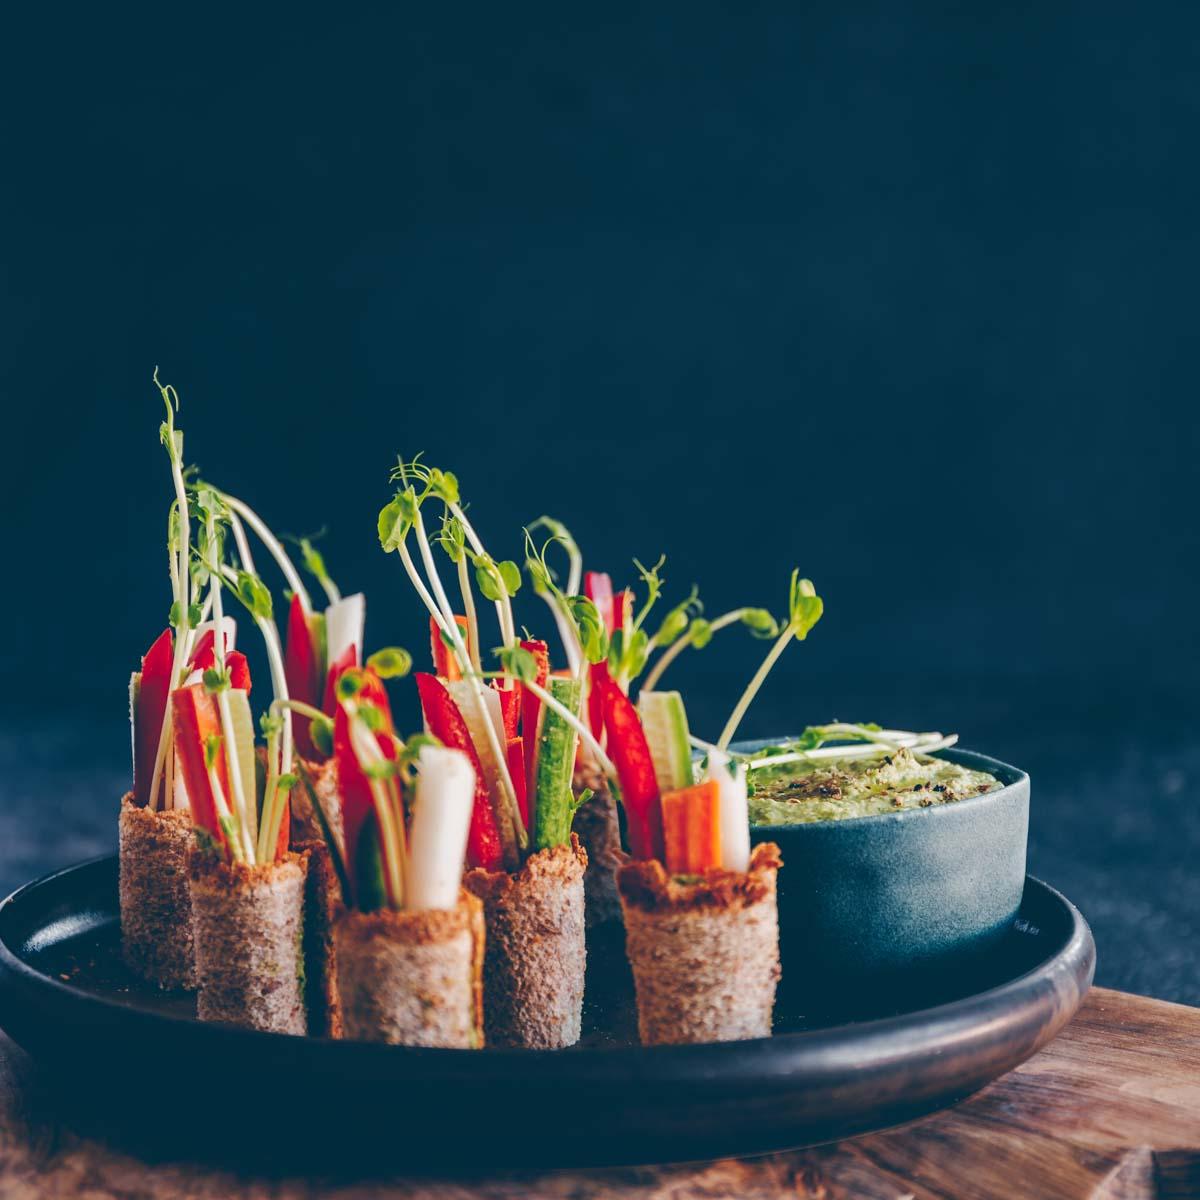 Toast-Röllchen mit Spinat-Hummus